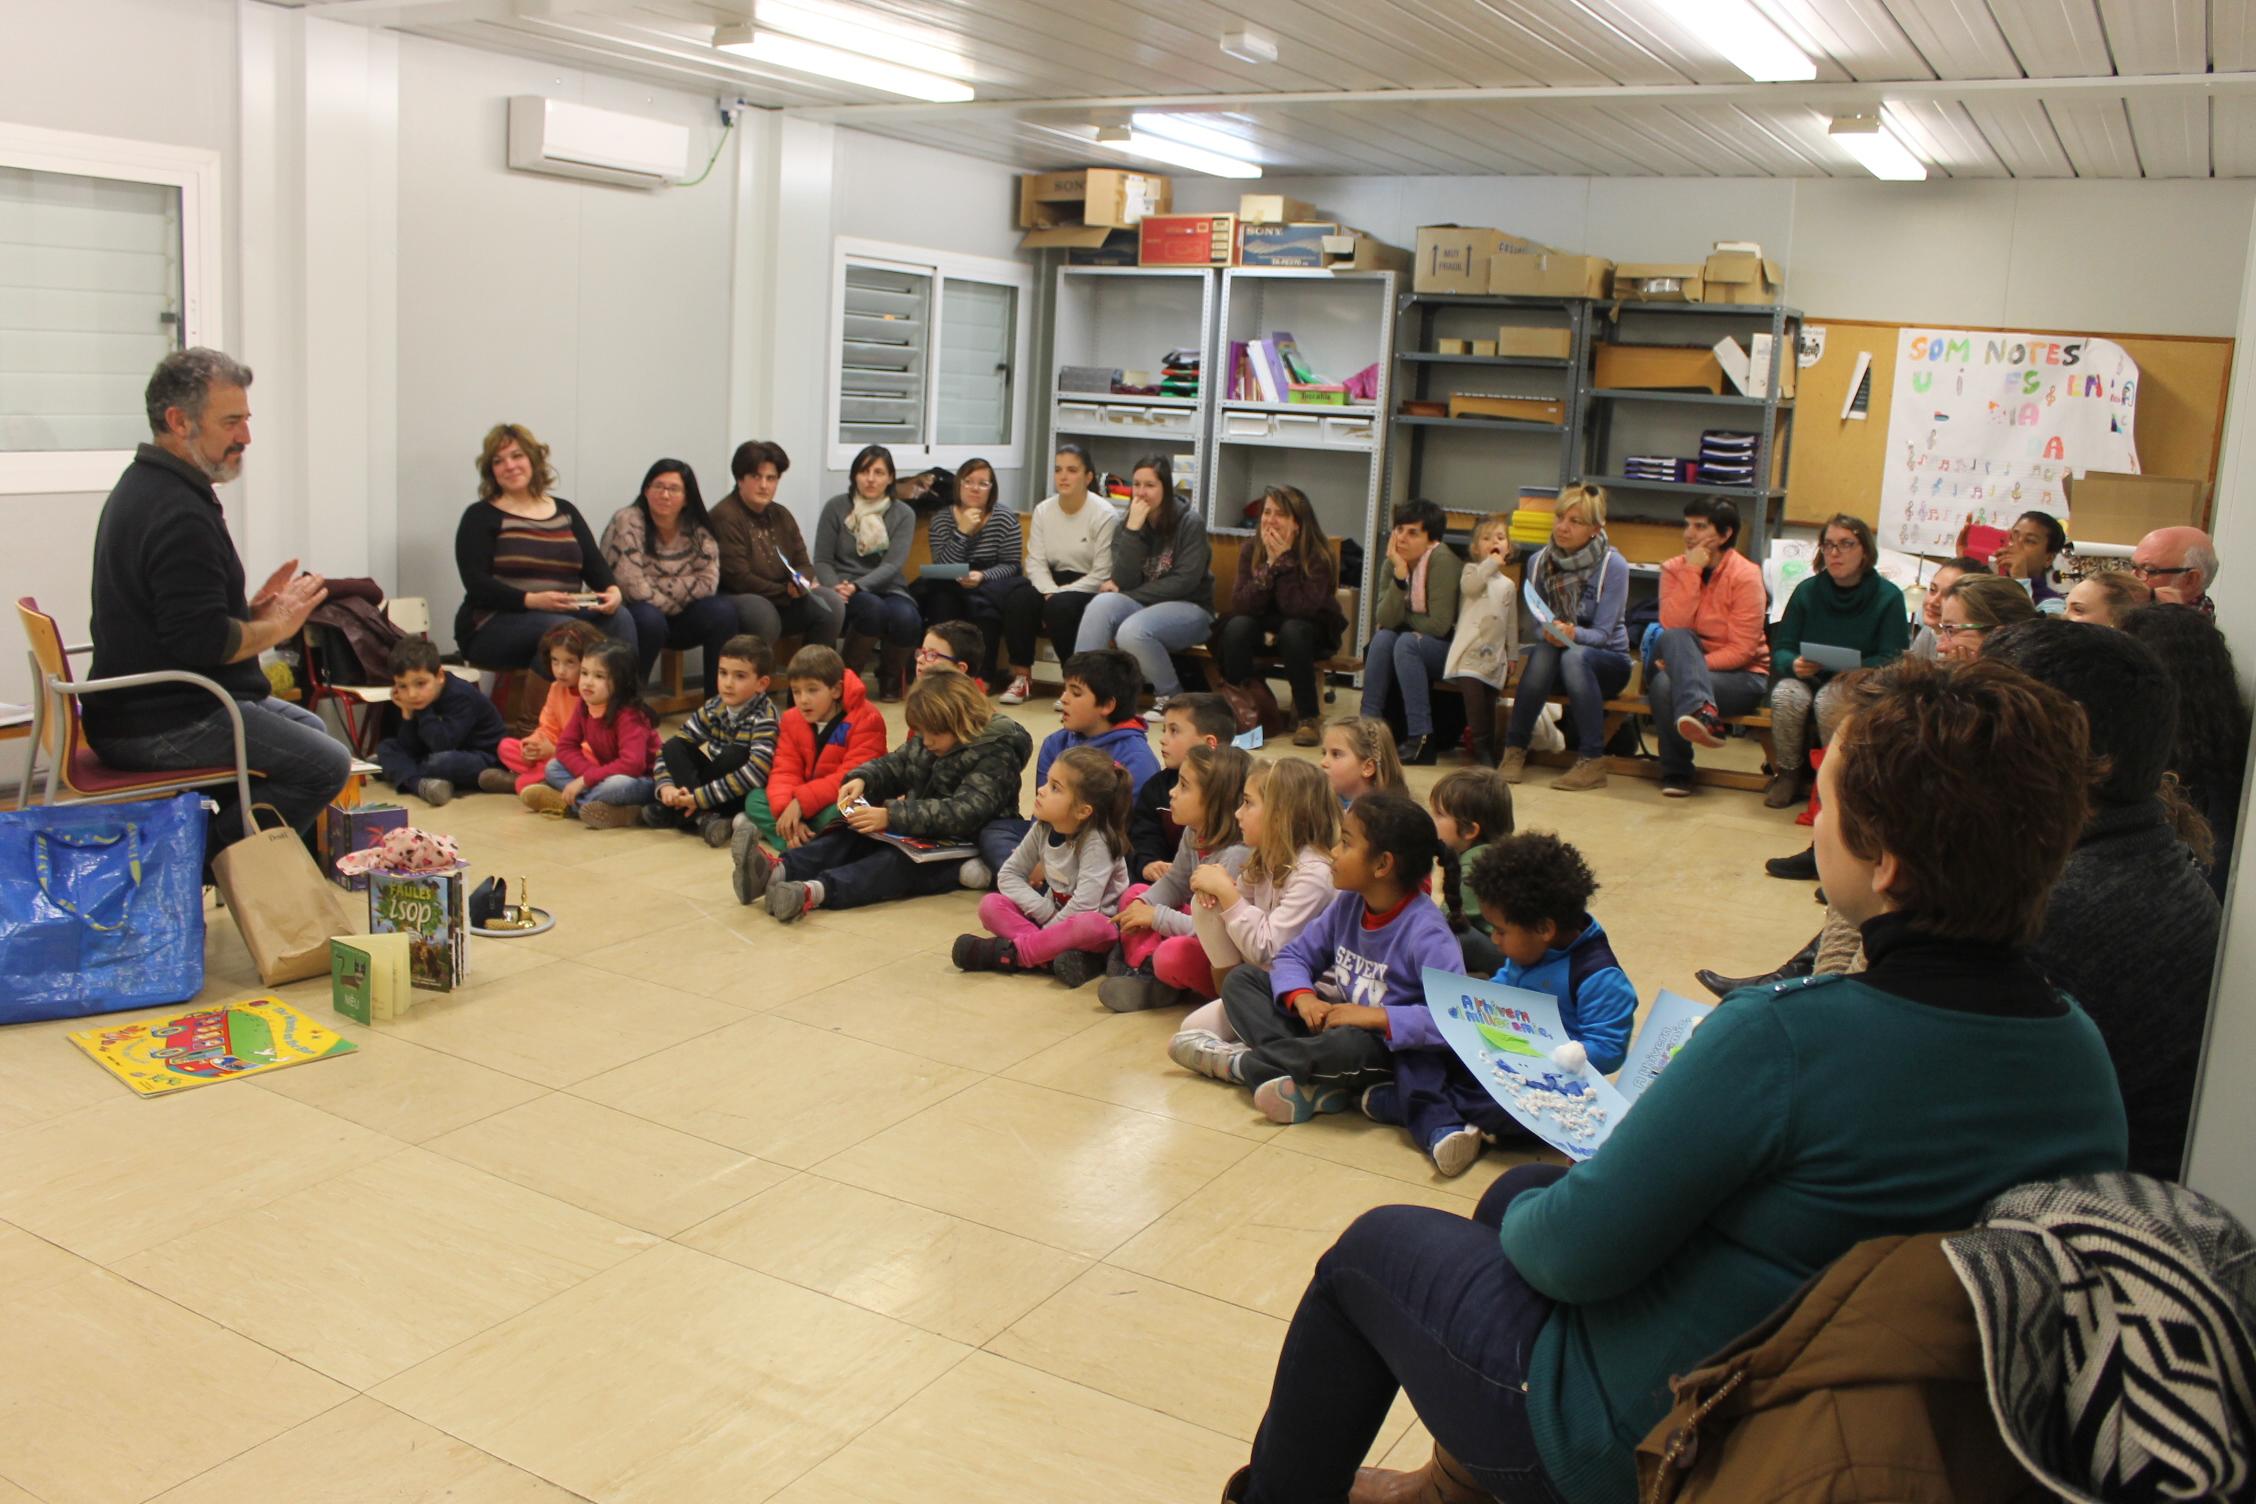 La actividad la ha impartido Llorenç Giménez, un excelente comunicador con una trayectoria de más de veinte años dedicada a lanarración de cuentos e historias.